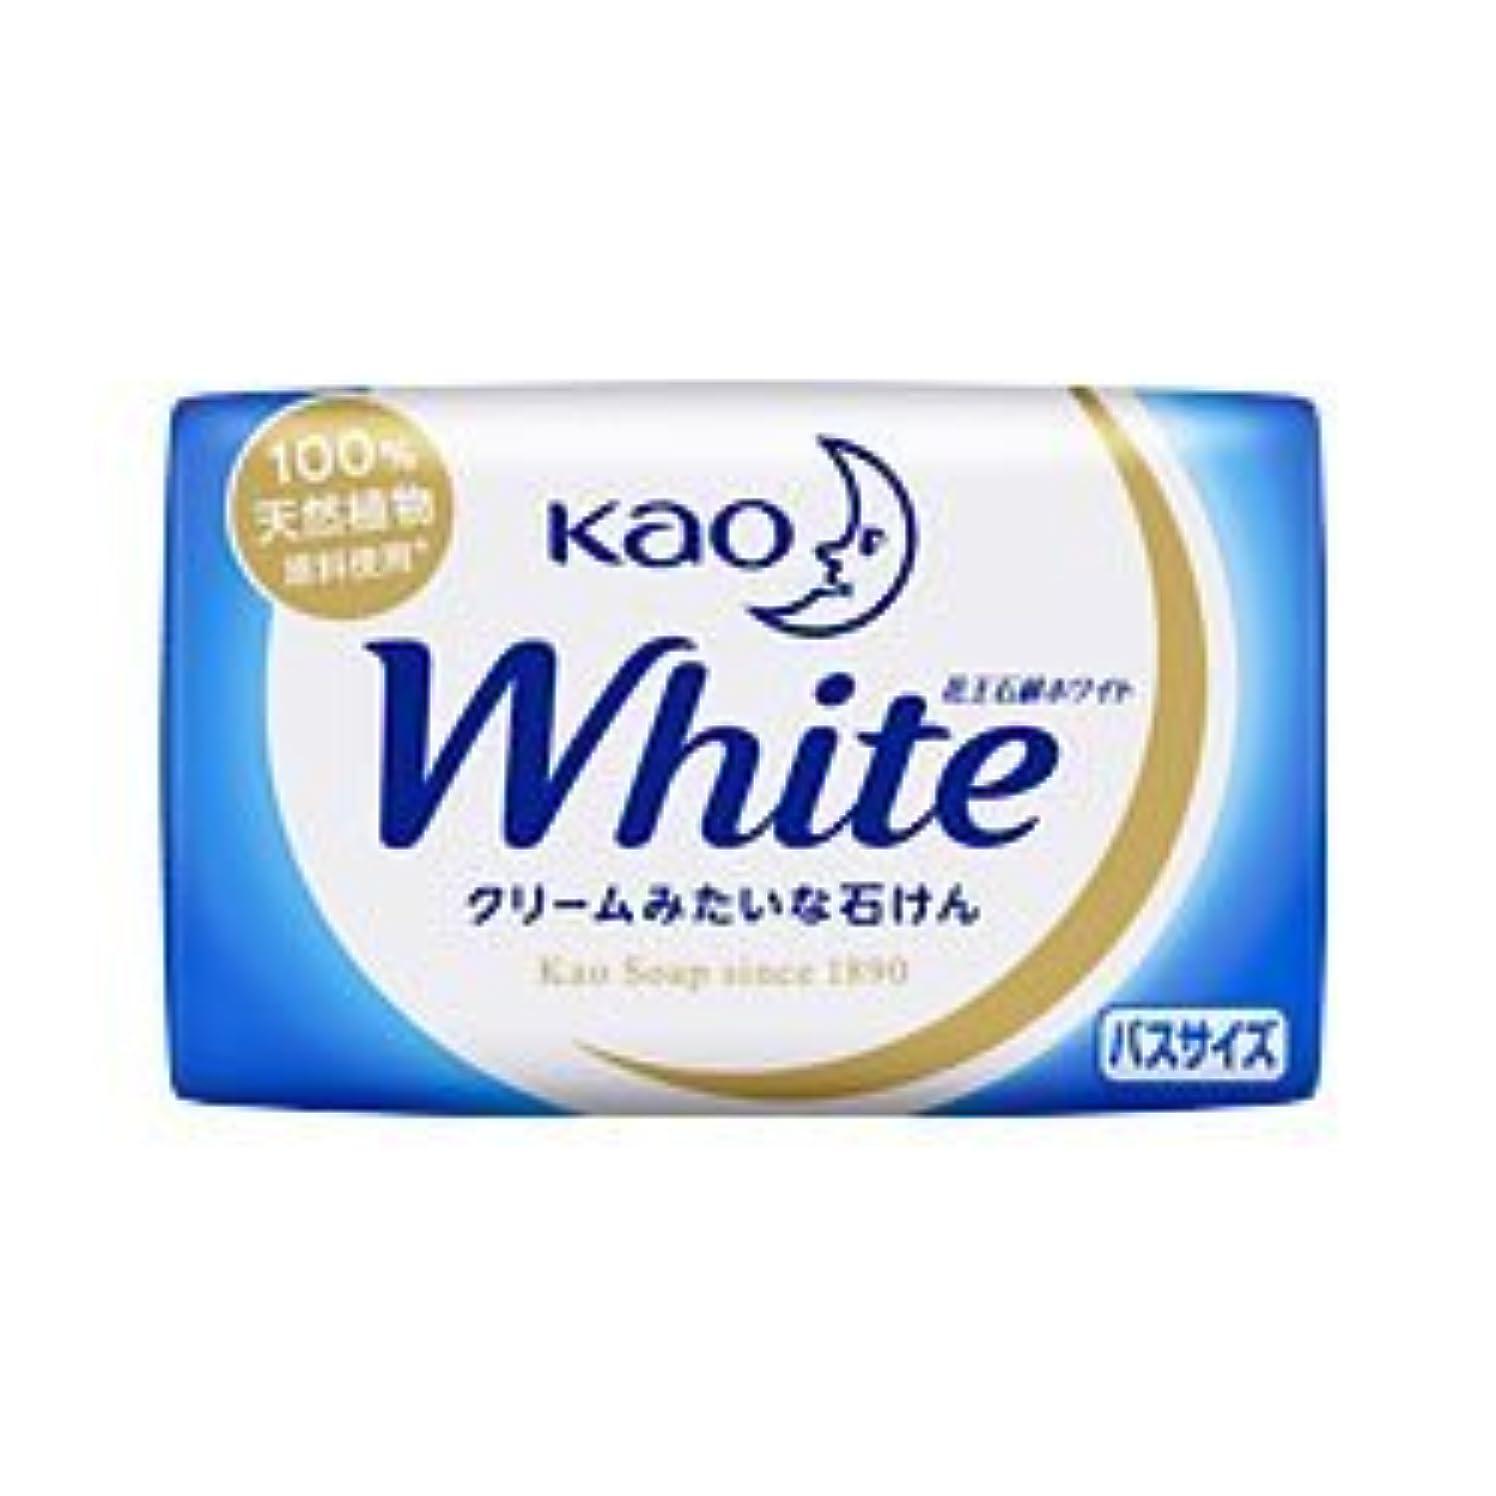 【花王】花王ホワイト バスサイズ 1個 130g ×5個セット